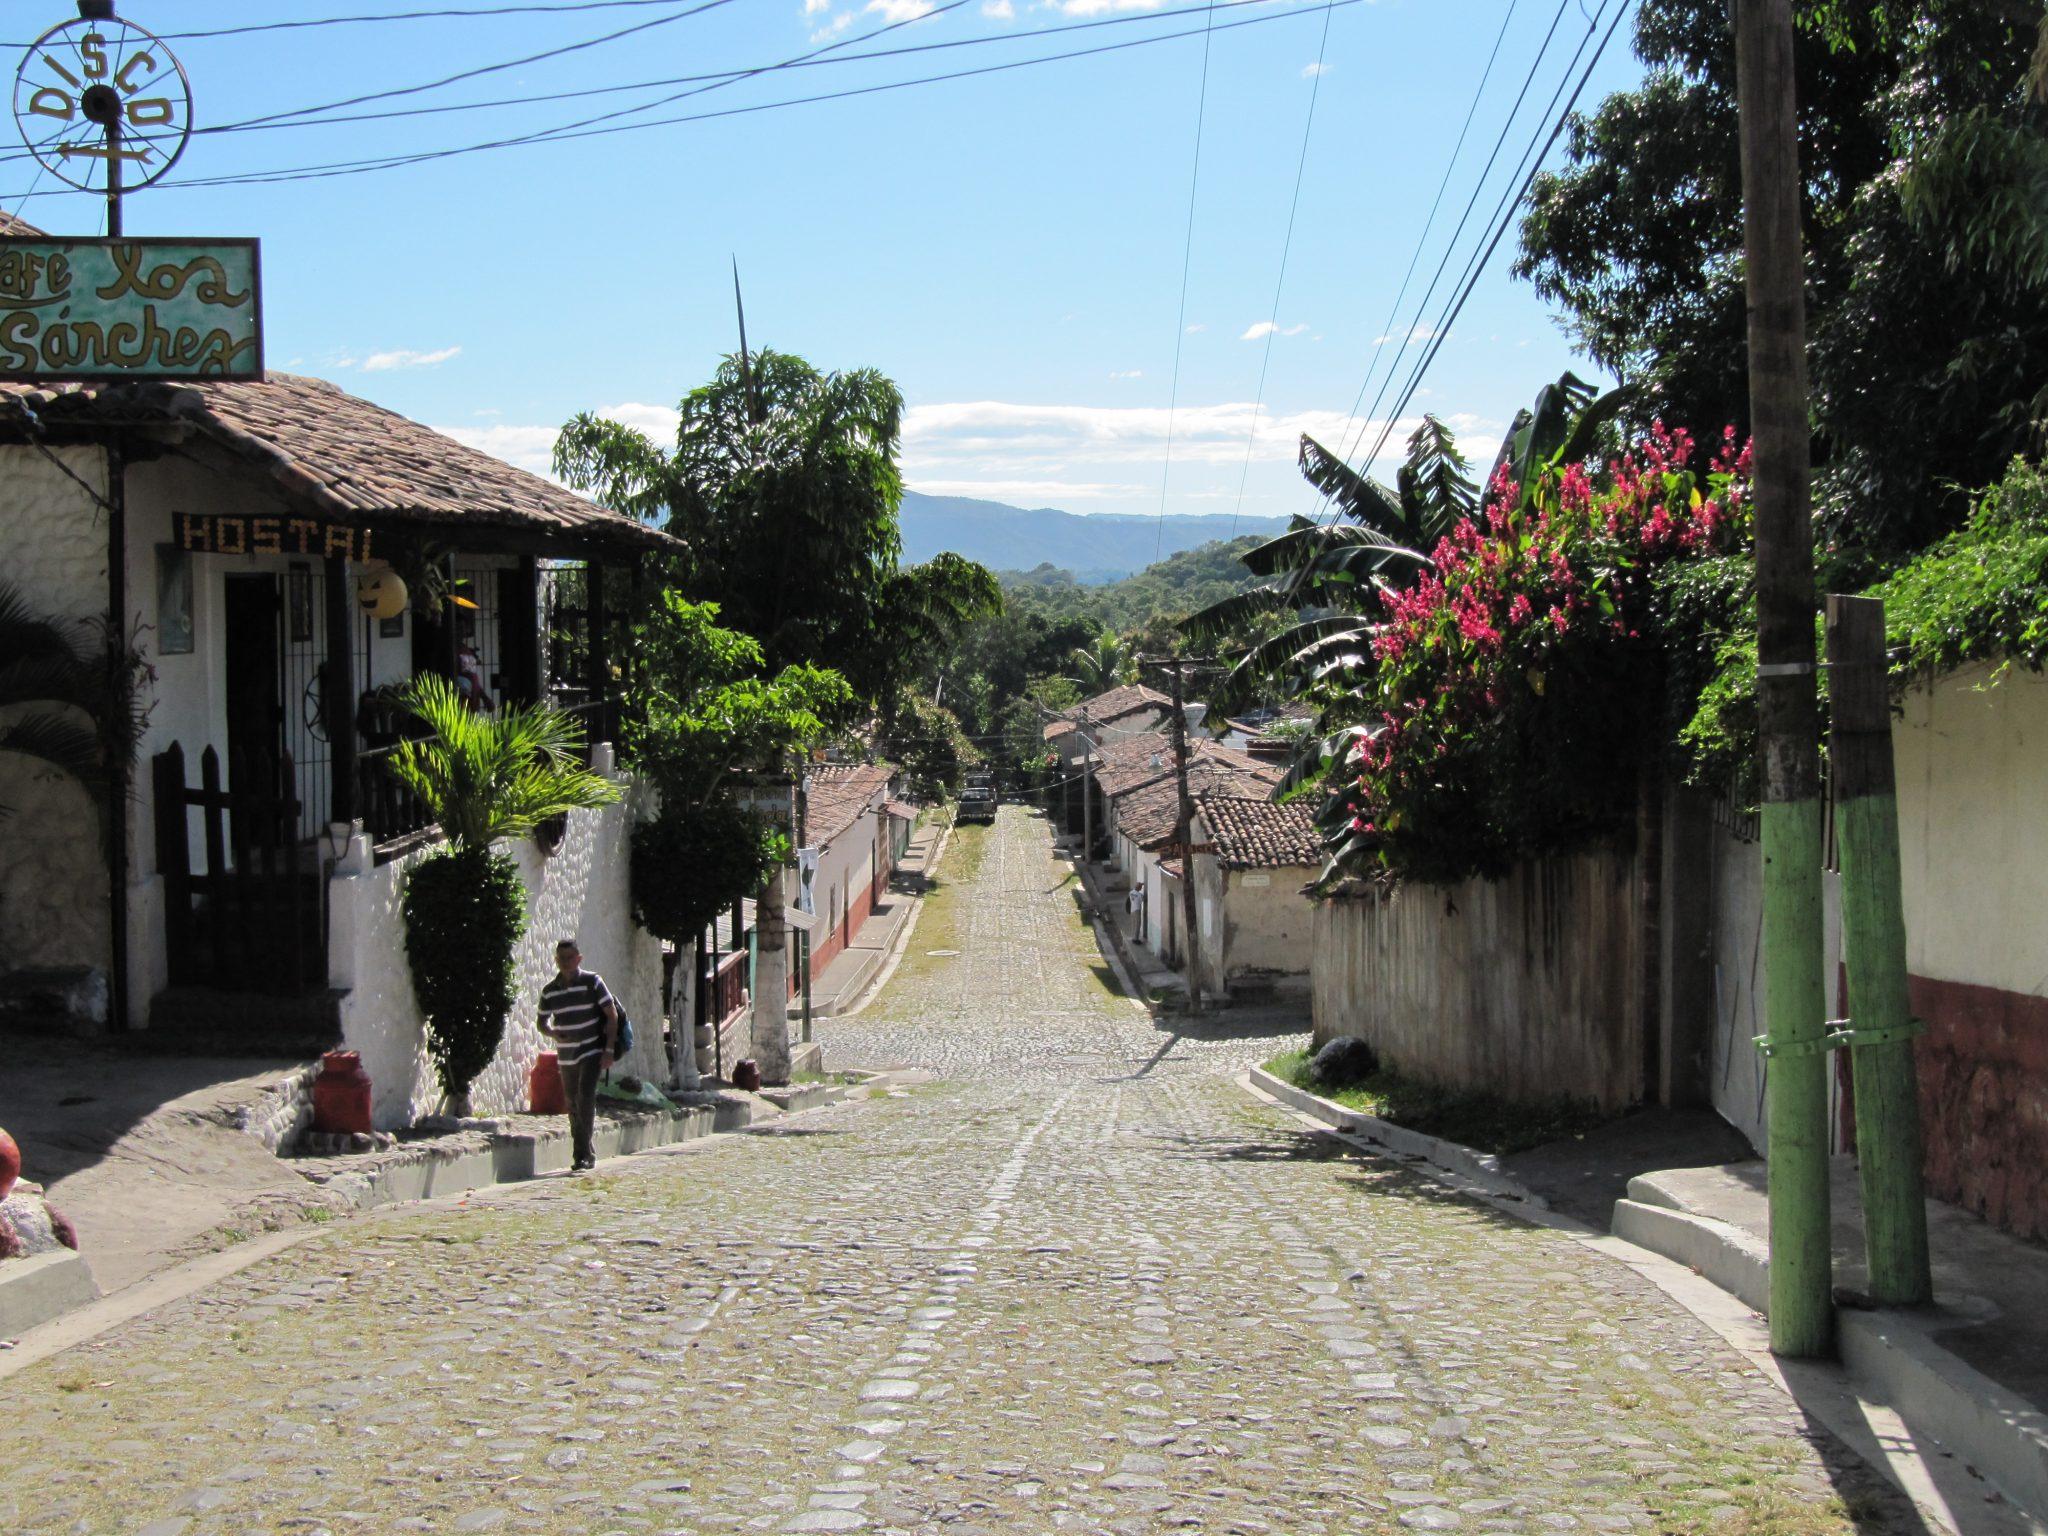 Thumbnail Voorbeeldreizen 2 - El Salvador